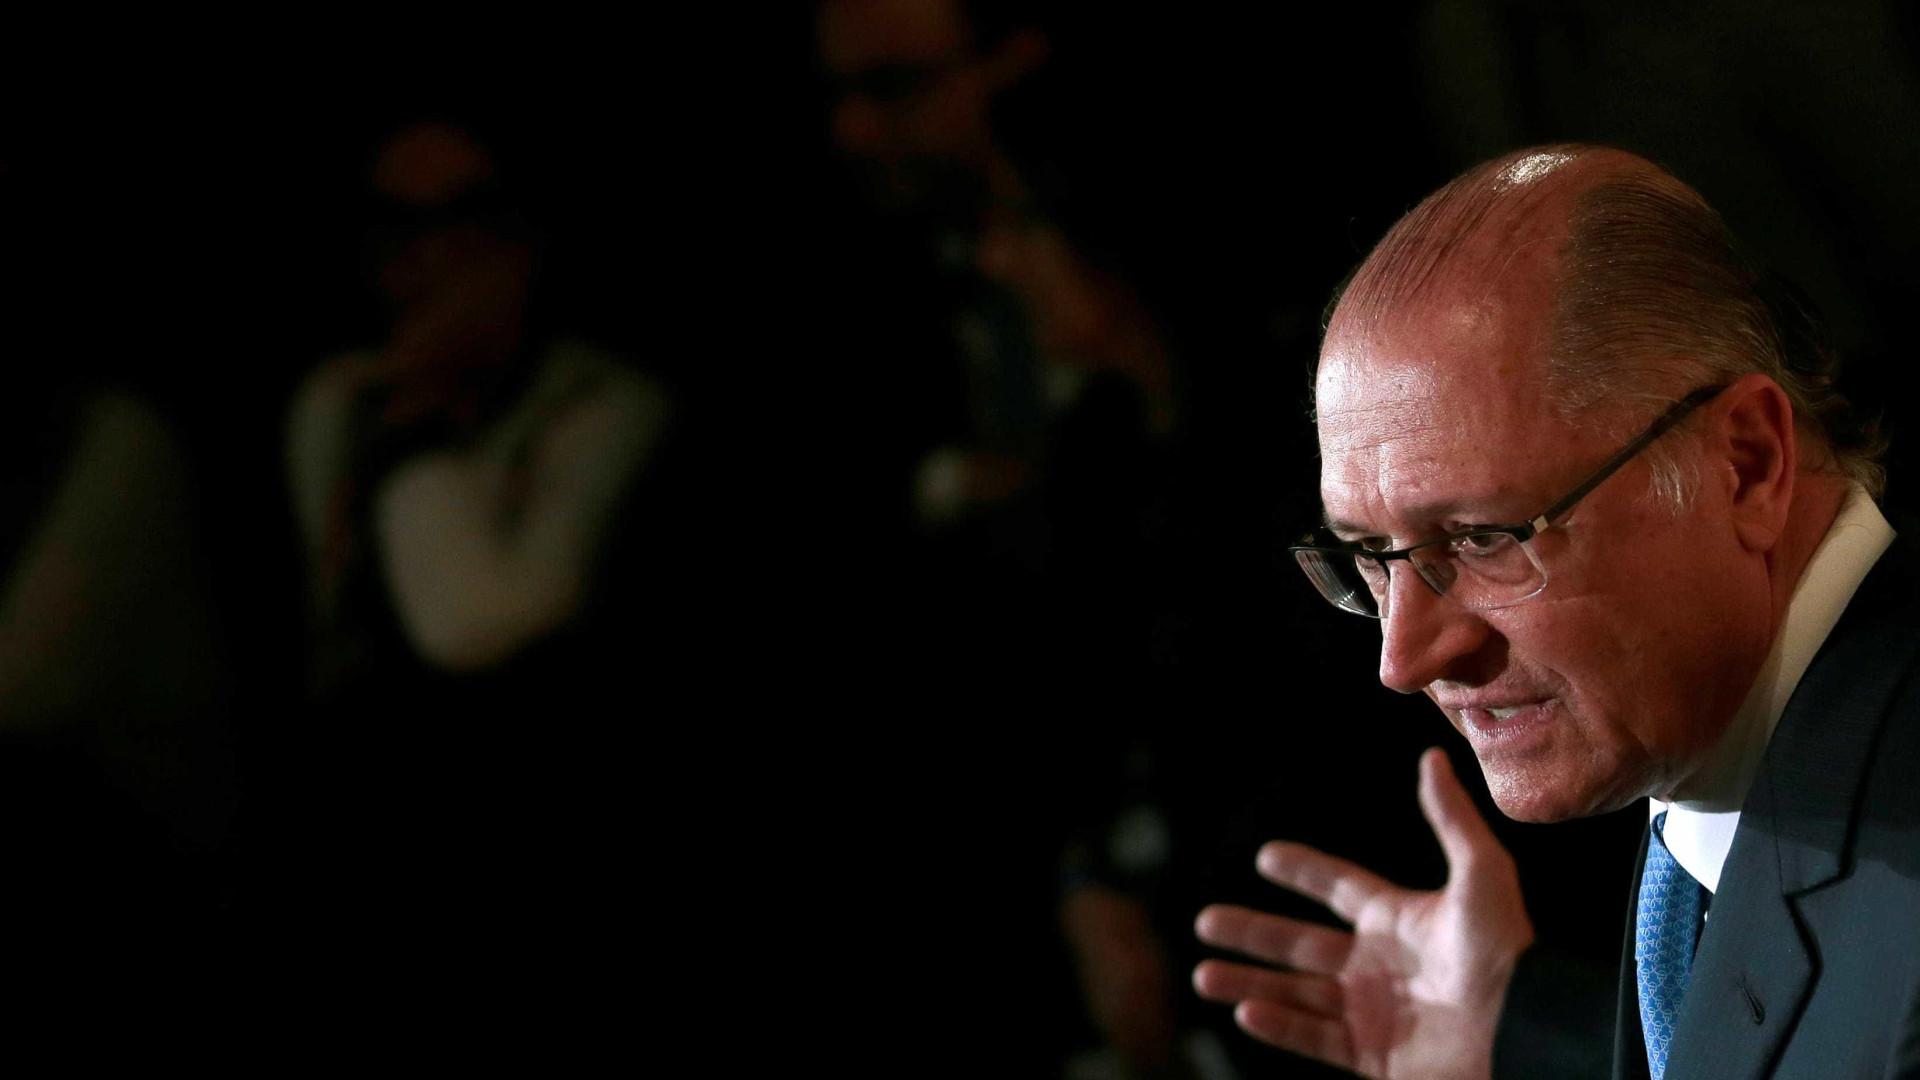 A senadores, Alckmin demonstra preocupação com candidaturas de centro